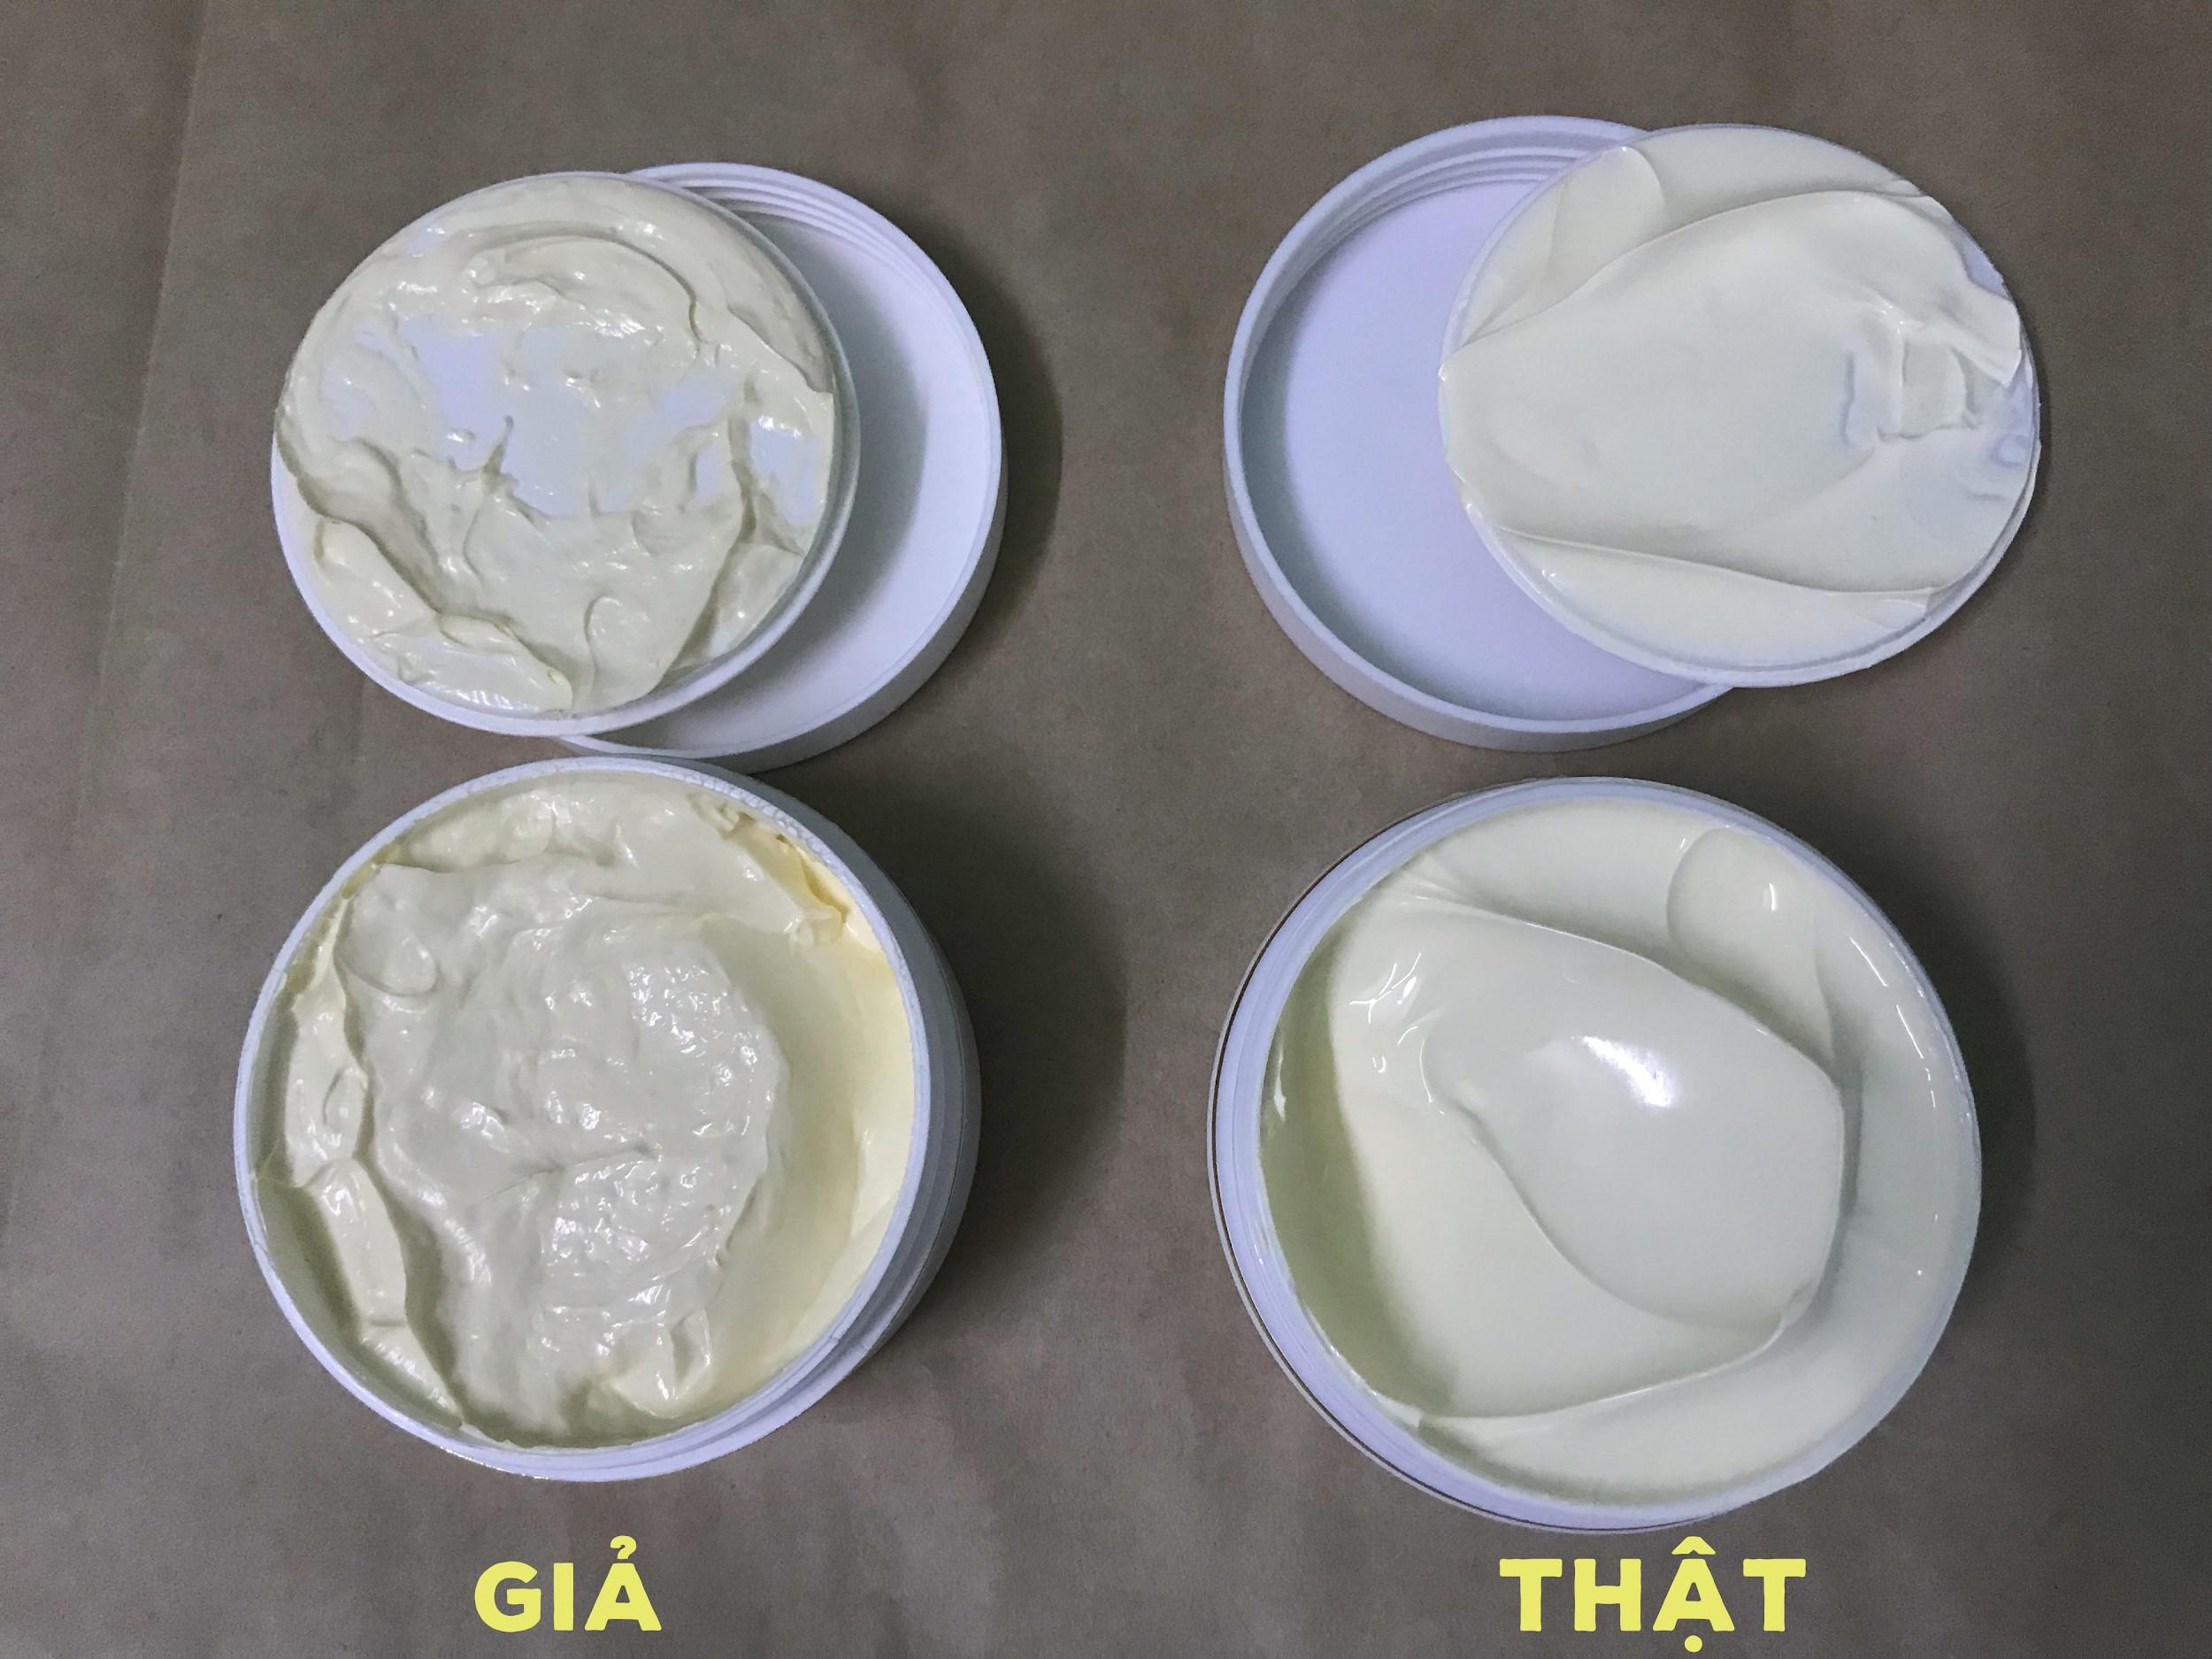 Phân biệt thông qua chất kem